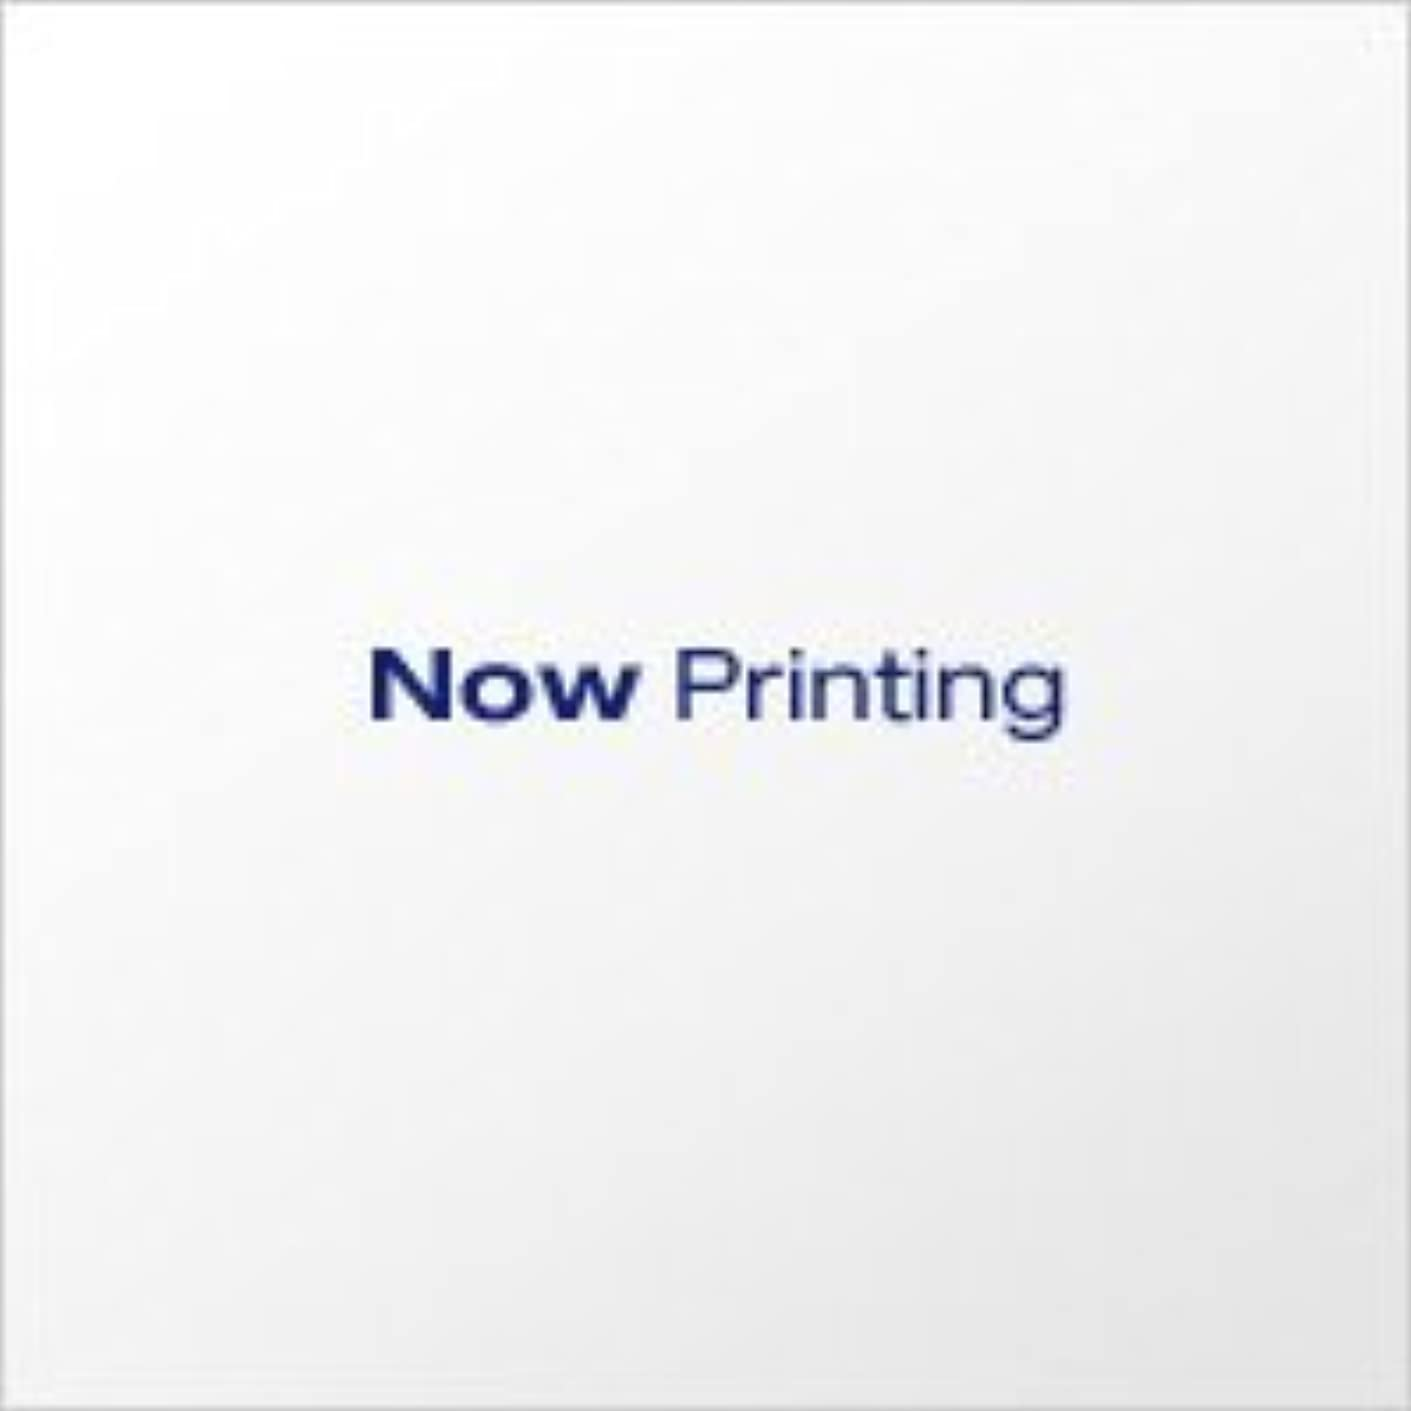 ビンミリメートル感心する日本FDC ラミネートフィルム 高品質 塩ビマット80μ 光透明度 1372mmx45m FD03-54 1372mmx45m